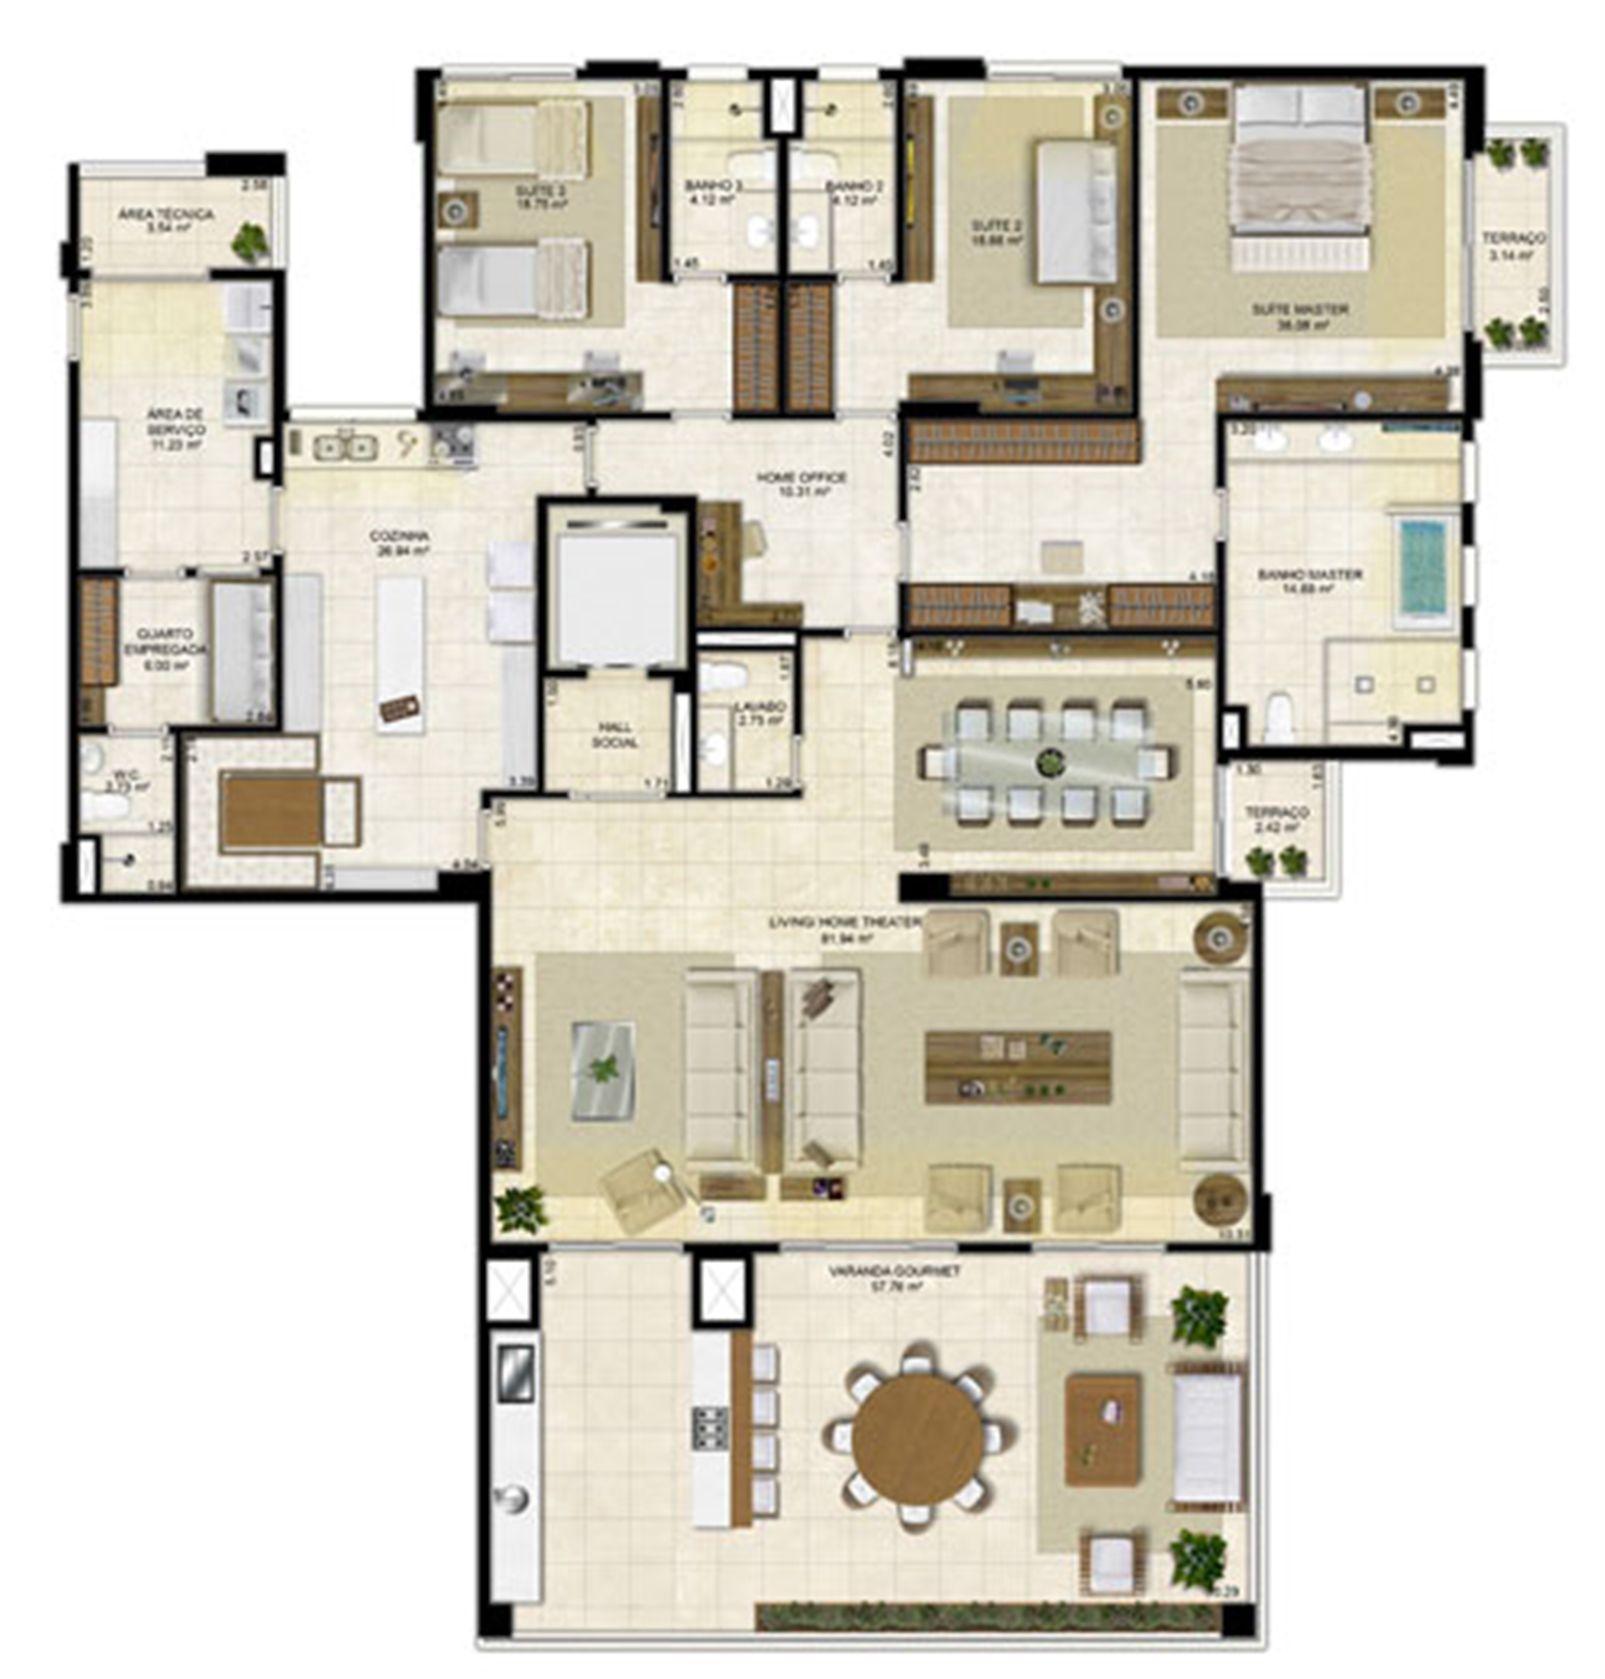 Planta ampliada 305 m² - Cozinha Ampliada e Sala de Jantar reservada – Pavimentos Pares | Île Saint Louis  – Apartamentona  Ponta D'areia - São Luís - Maranhão